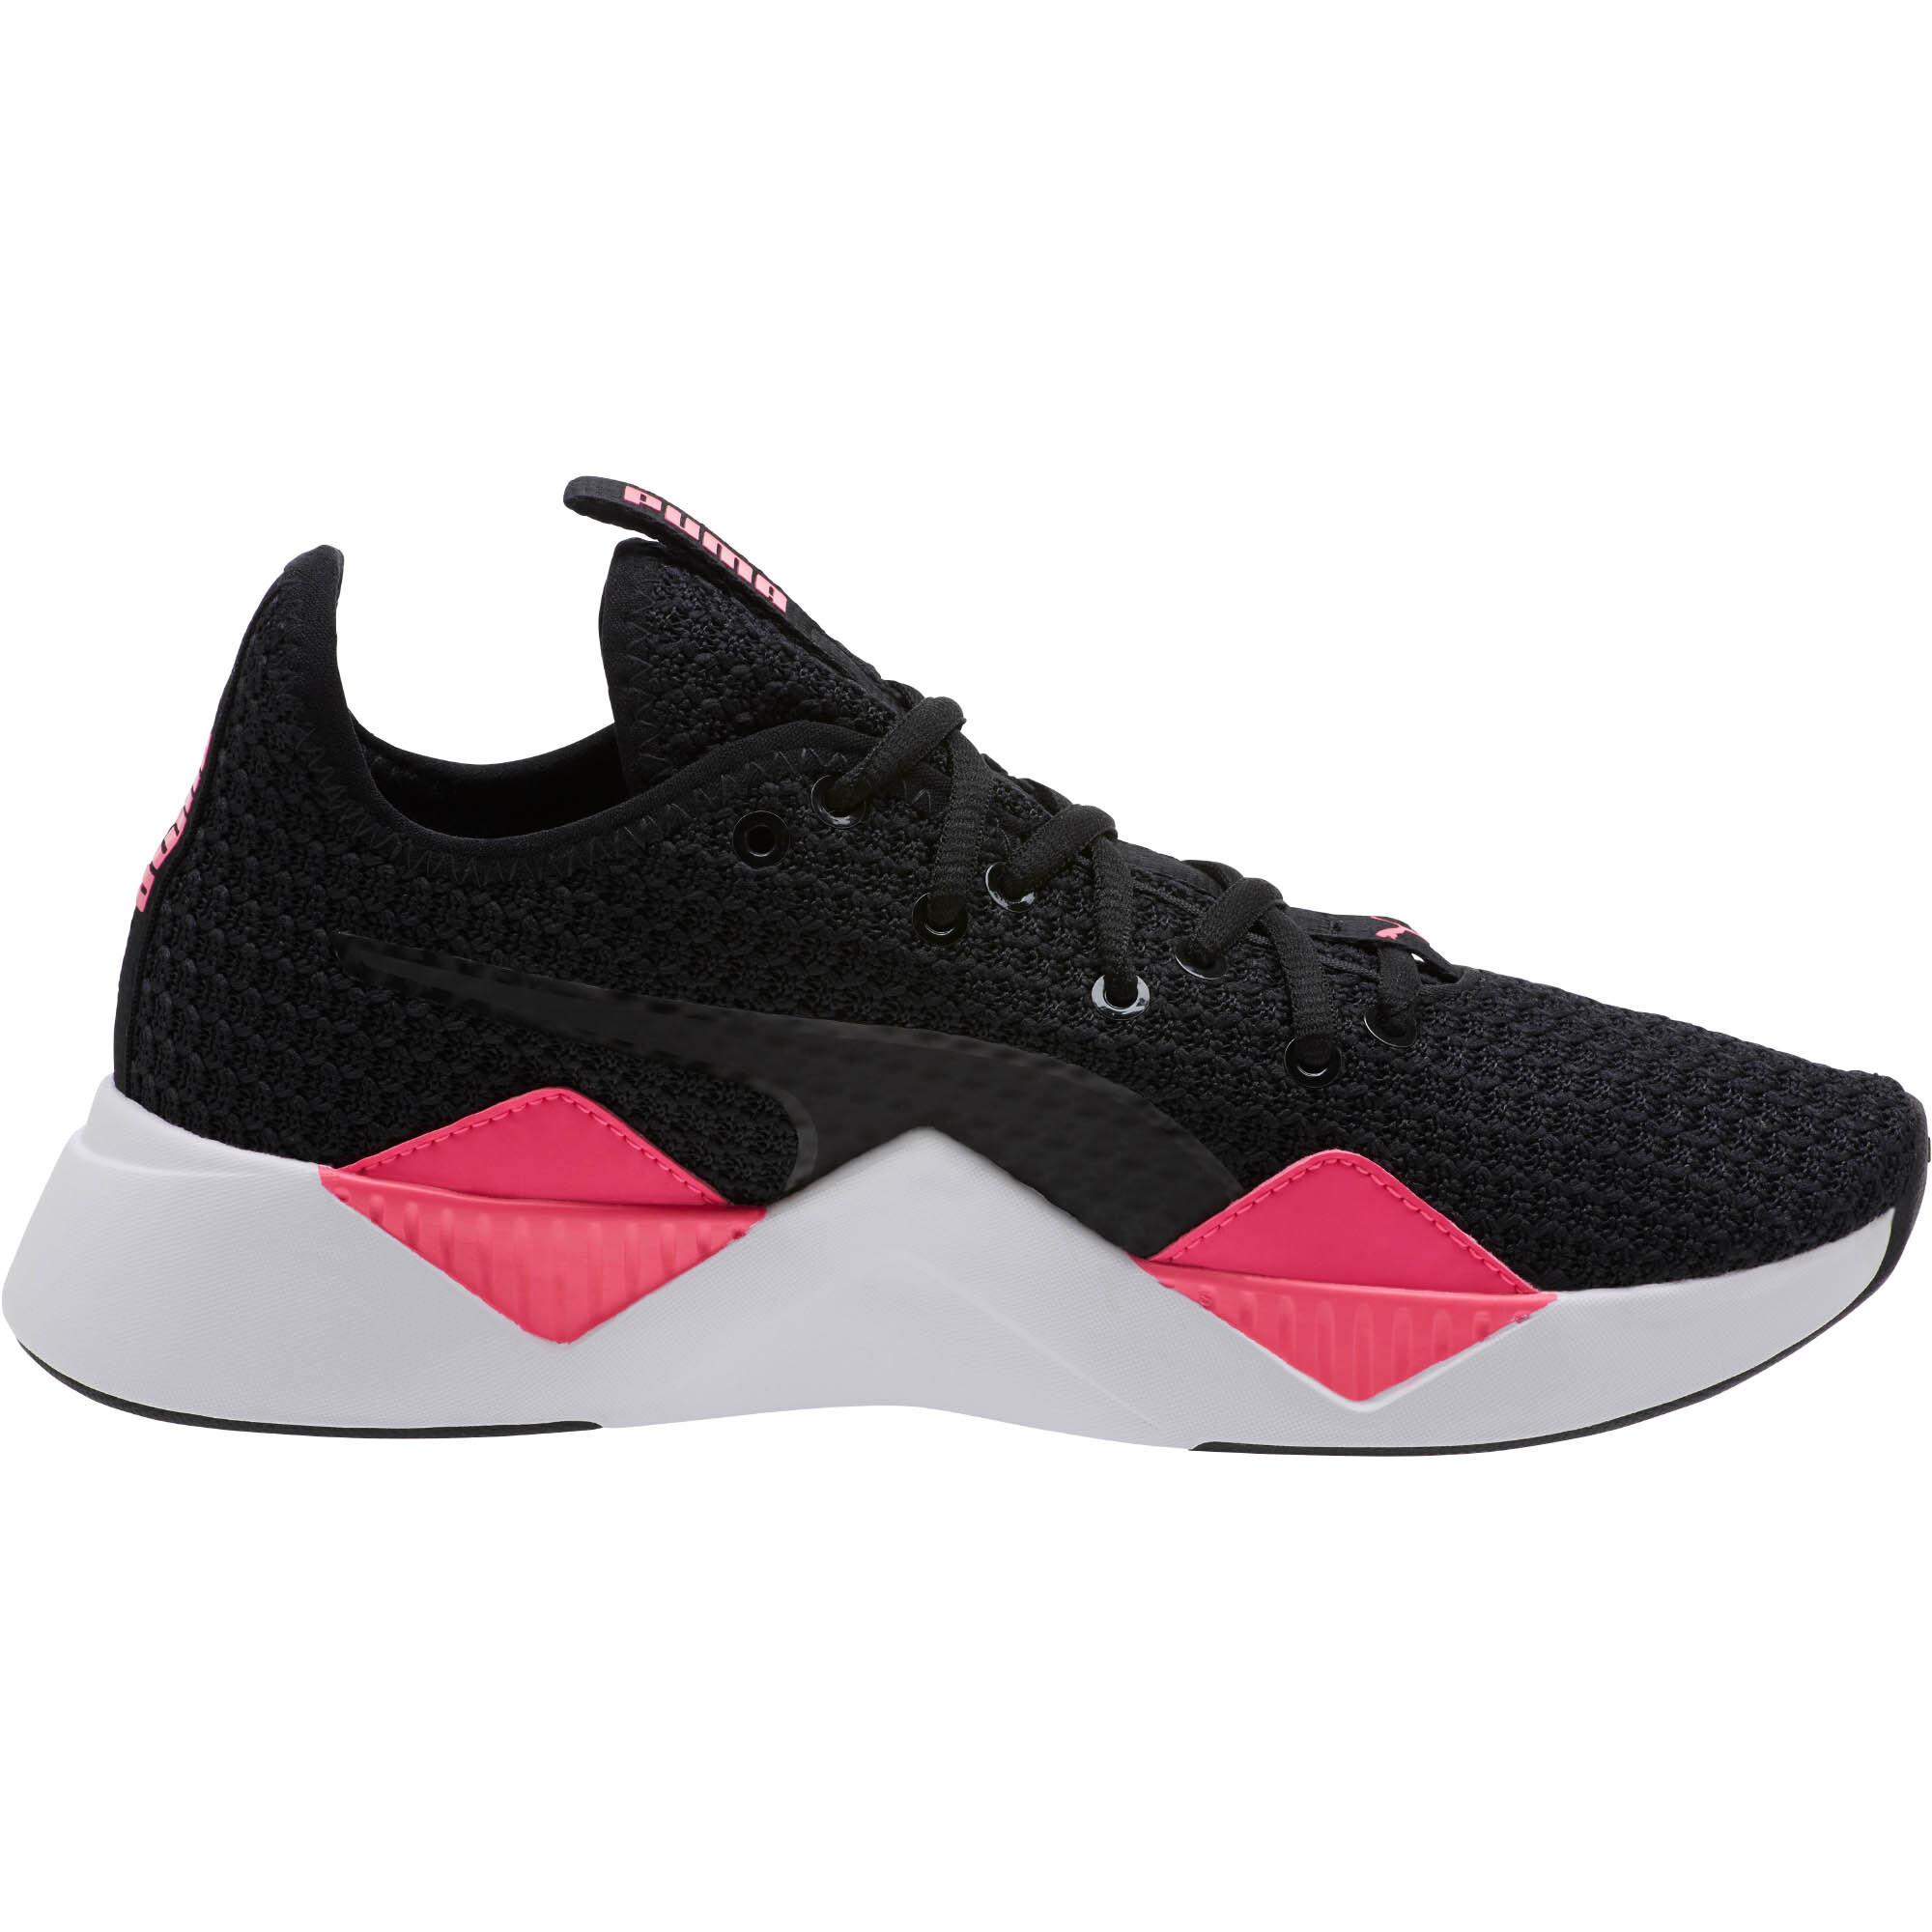 PUMA-Incite-FS-Women-039-s-Training-Shoes-Women-Shoe-Training thumbnail 22